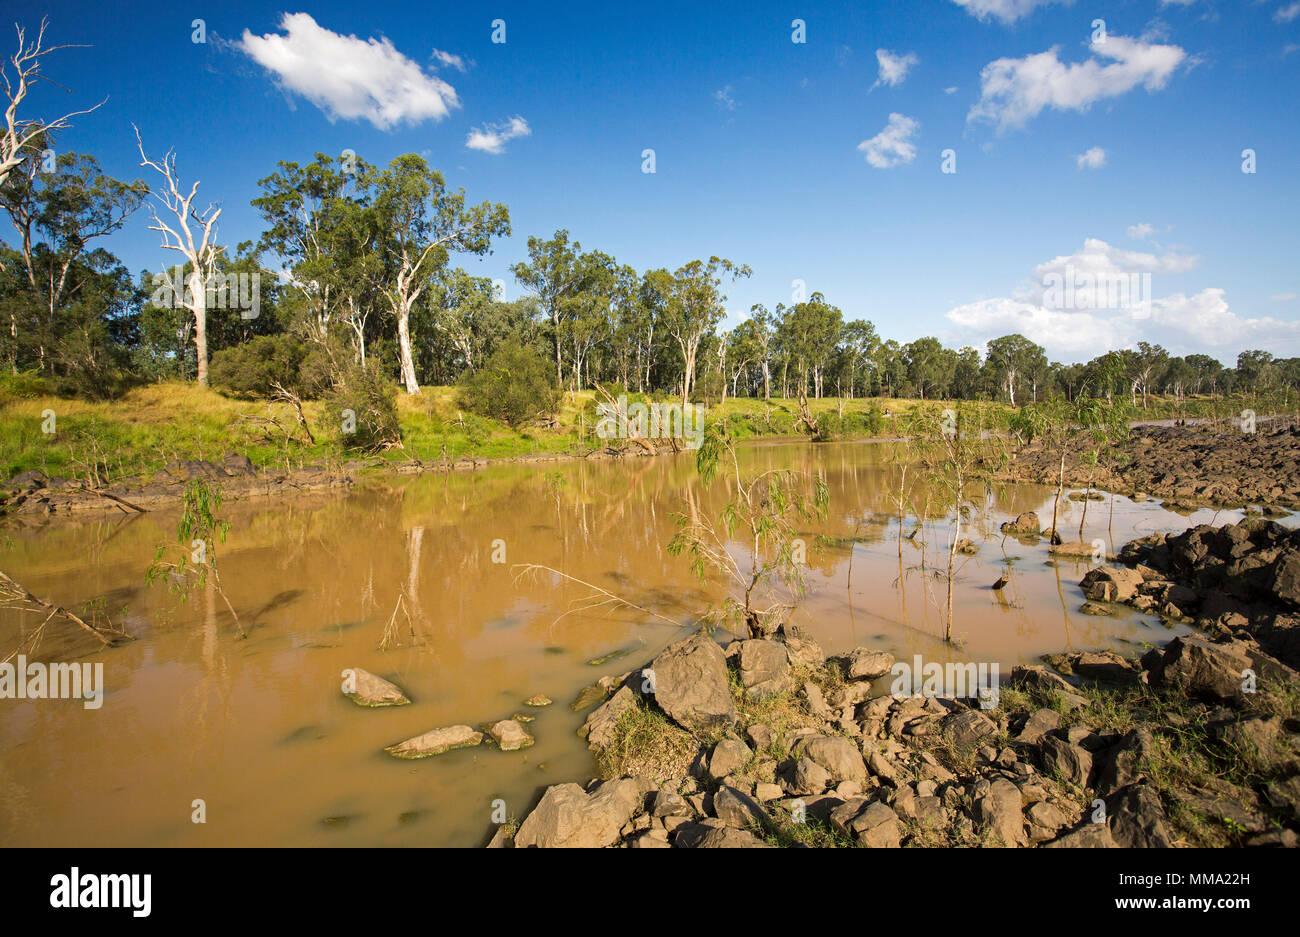 Bunte Landschaft mit ruhigen Gewässern des Fitzroy River gesäumt mit hohen Bäumen und Emerald grass unter blauem Himmel in Central Queensland Australien Stockfoto